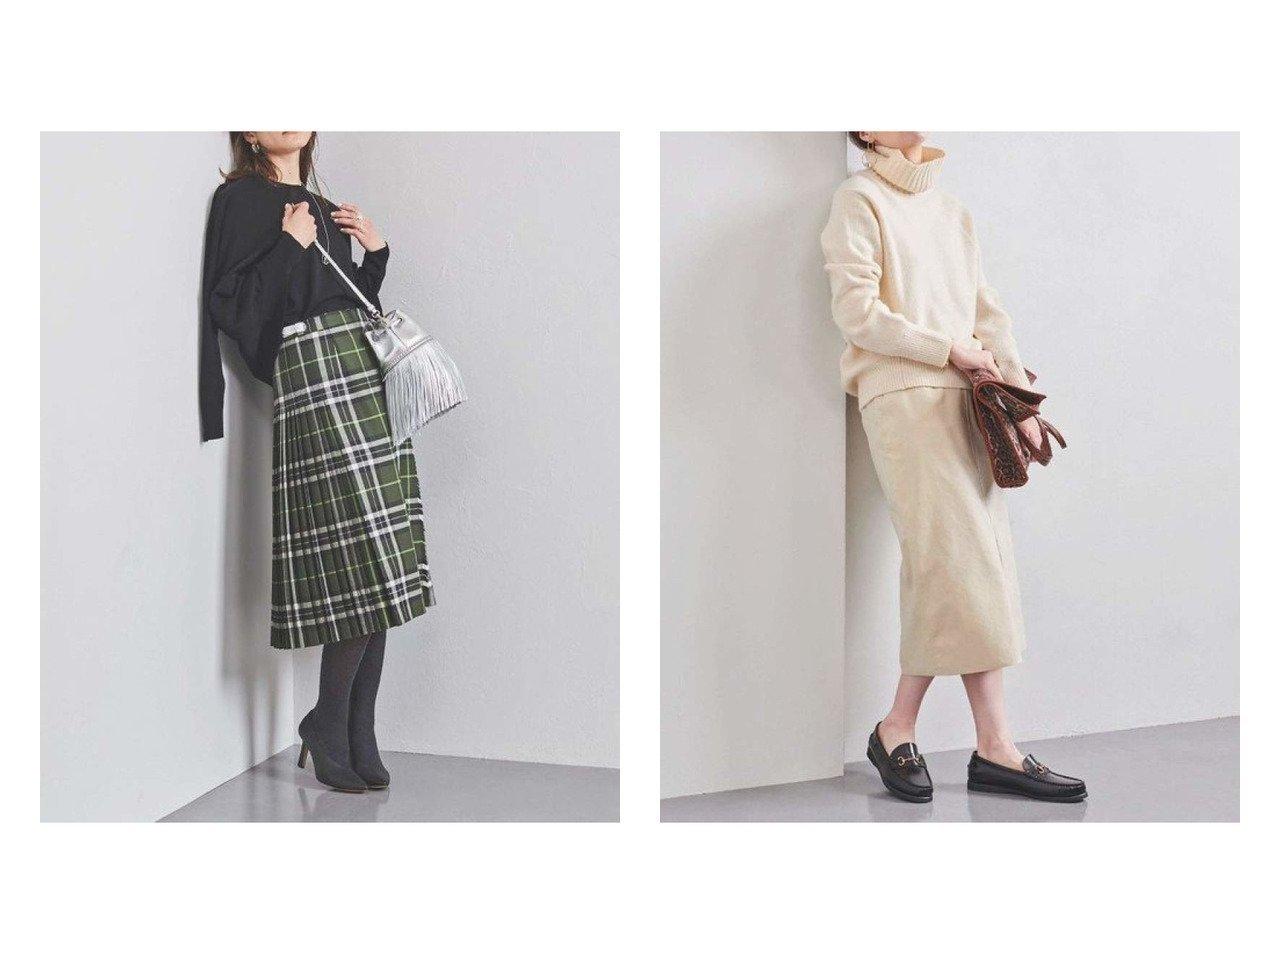 【UNITED ARROWS/ユナイテッドアローズ】のUWCB フェイクスエード タイトスカート&O NEIL of DUBLIN(オニール オブ ダブリン) アコーディオン プリーツスカート スカートのおすすめ!人気、トレンド・レディースファッションの通販 おすすめで人気の流行・トレンド、ファッションの通販商品 メンズファッション・キッズファッション・インテリア・家具・レディースファッション・服の通販 founy(ファニー) https://founy.com/ ファッション Fashion レディースファッション WOMEN スカート Skirt プリーツスカート Pleated Skirts ロングスカート Long Skirt キルト チェック プリーツ ロング なめらか ジャケット スリット タイトスカート フェイクスエード フロント |ID:crp329100000013412